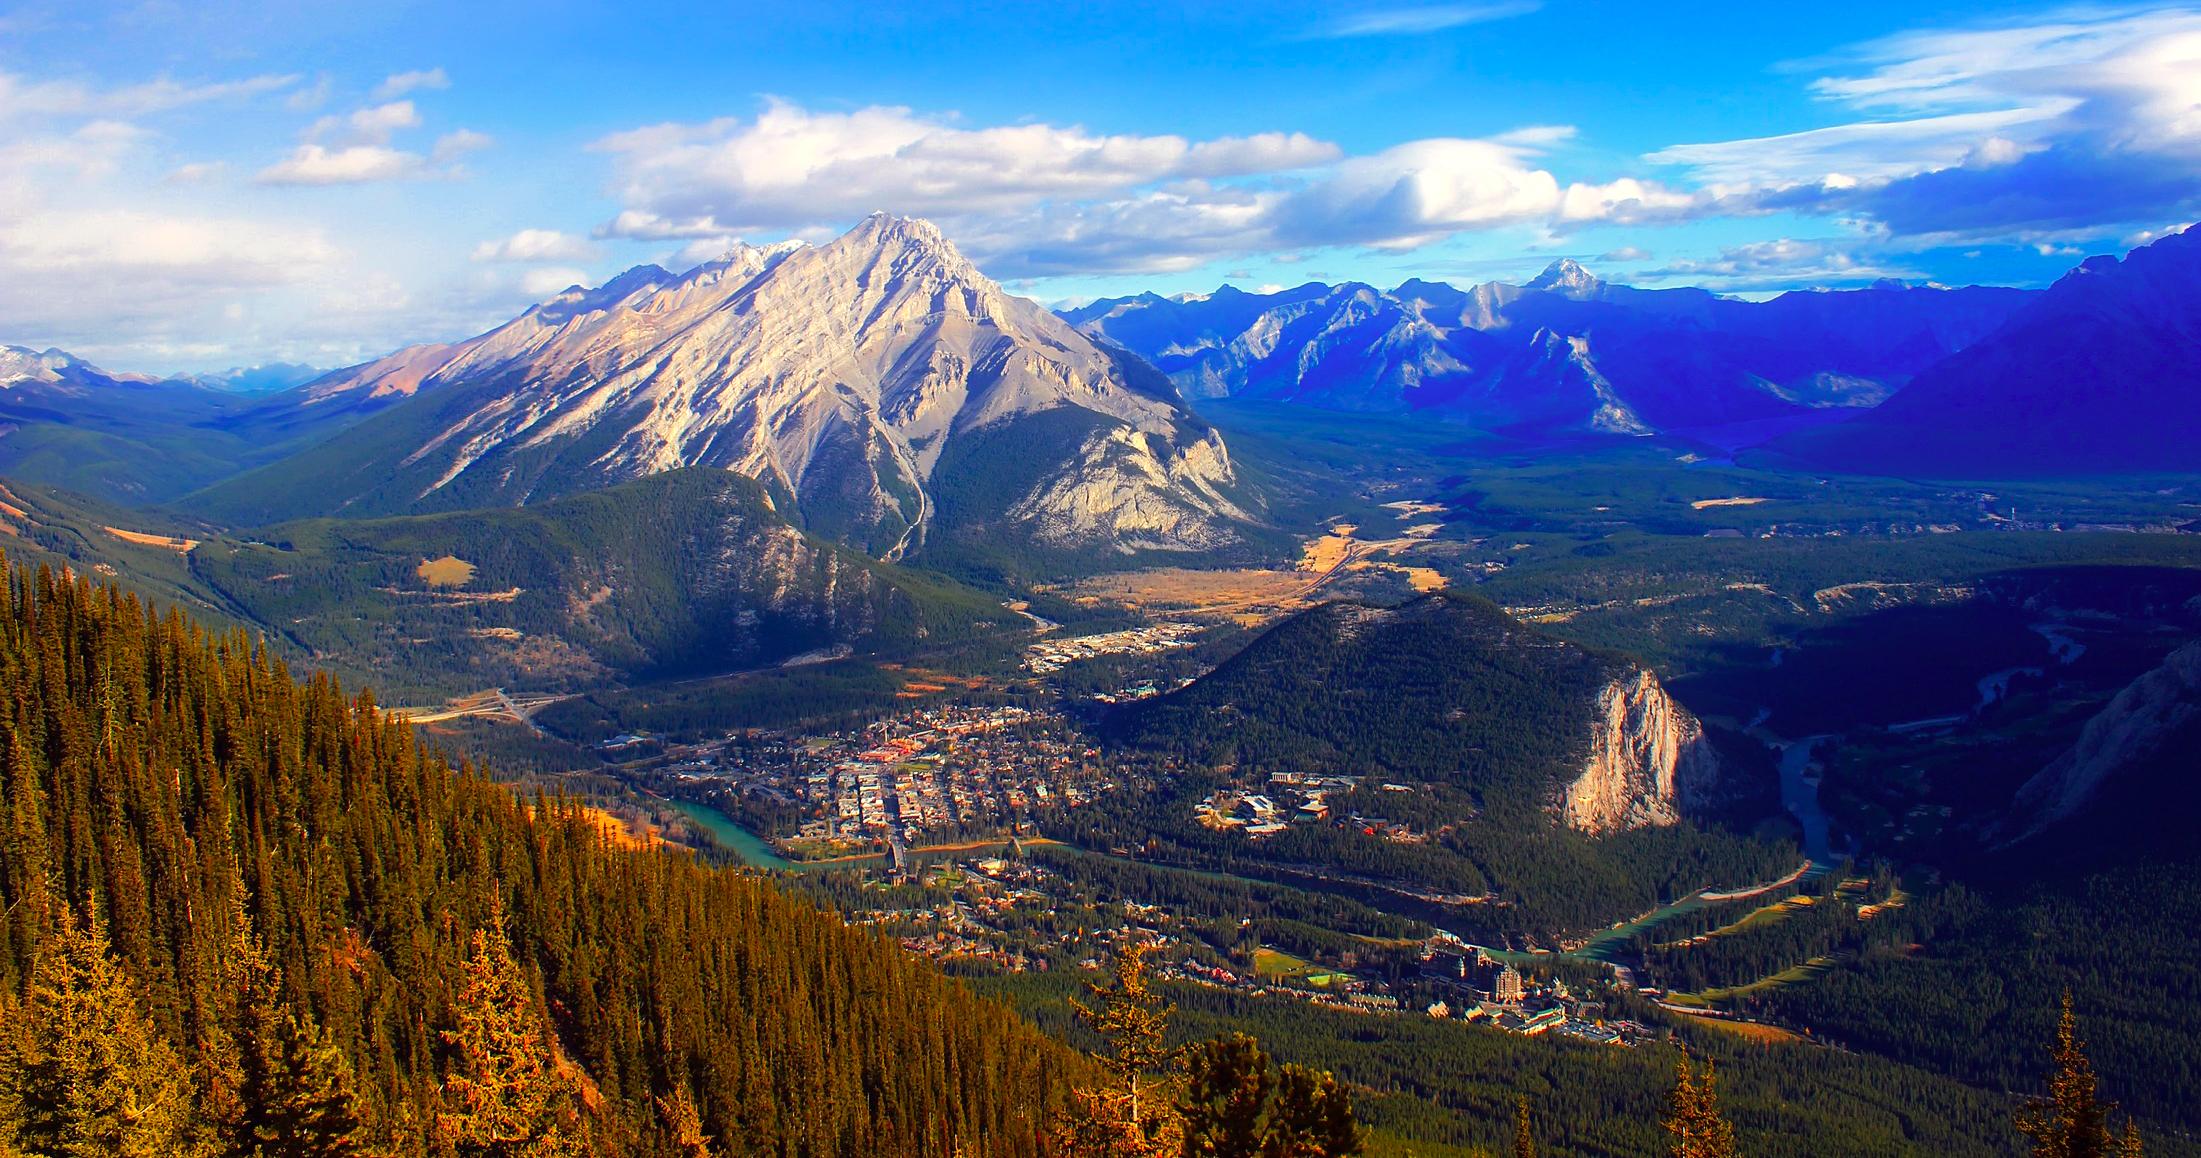 Guía de viajes a Canada, Visa a Canadá, Visado a Canadá canadá - 31511731554 4405941260 o - Guía de viajes y visa para Canadá